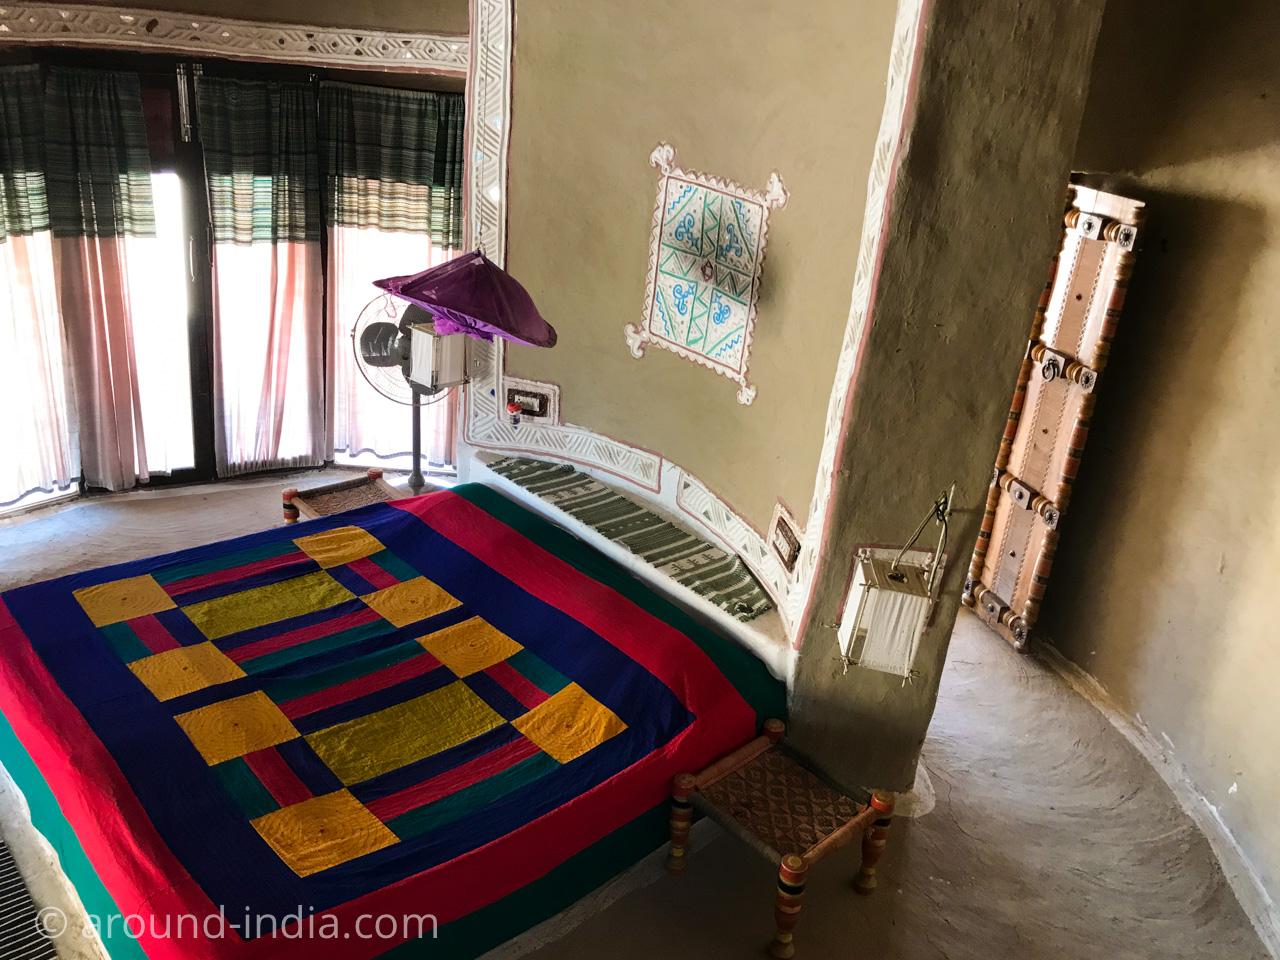 インド・カッチの宿SHAAM-E-SARHAD、ブンガ内部